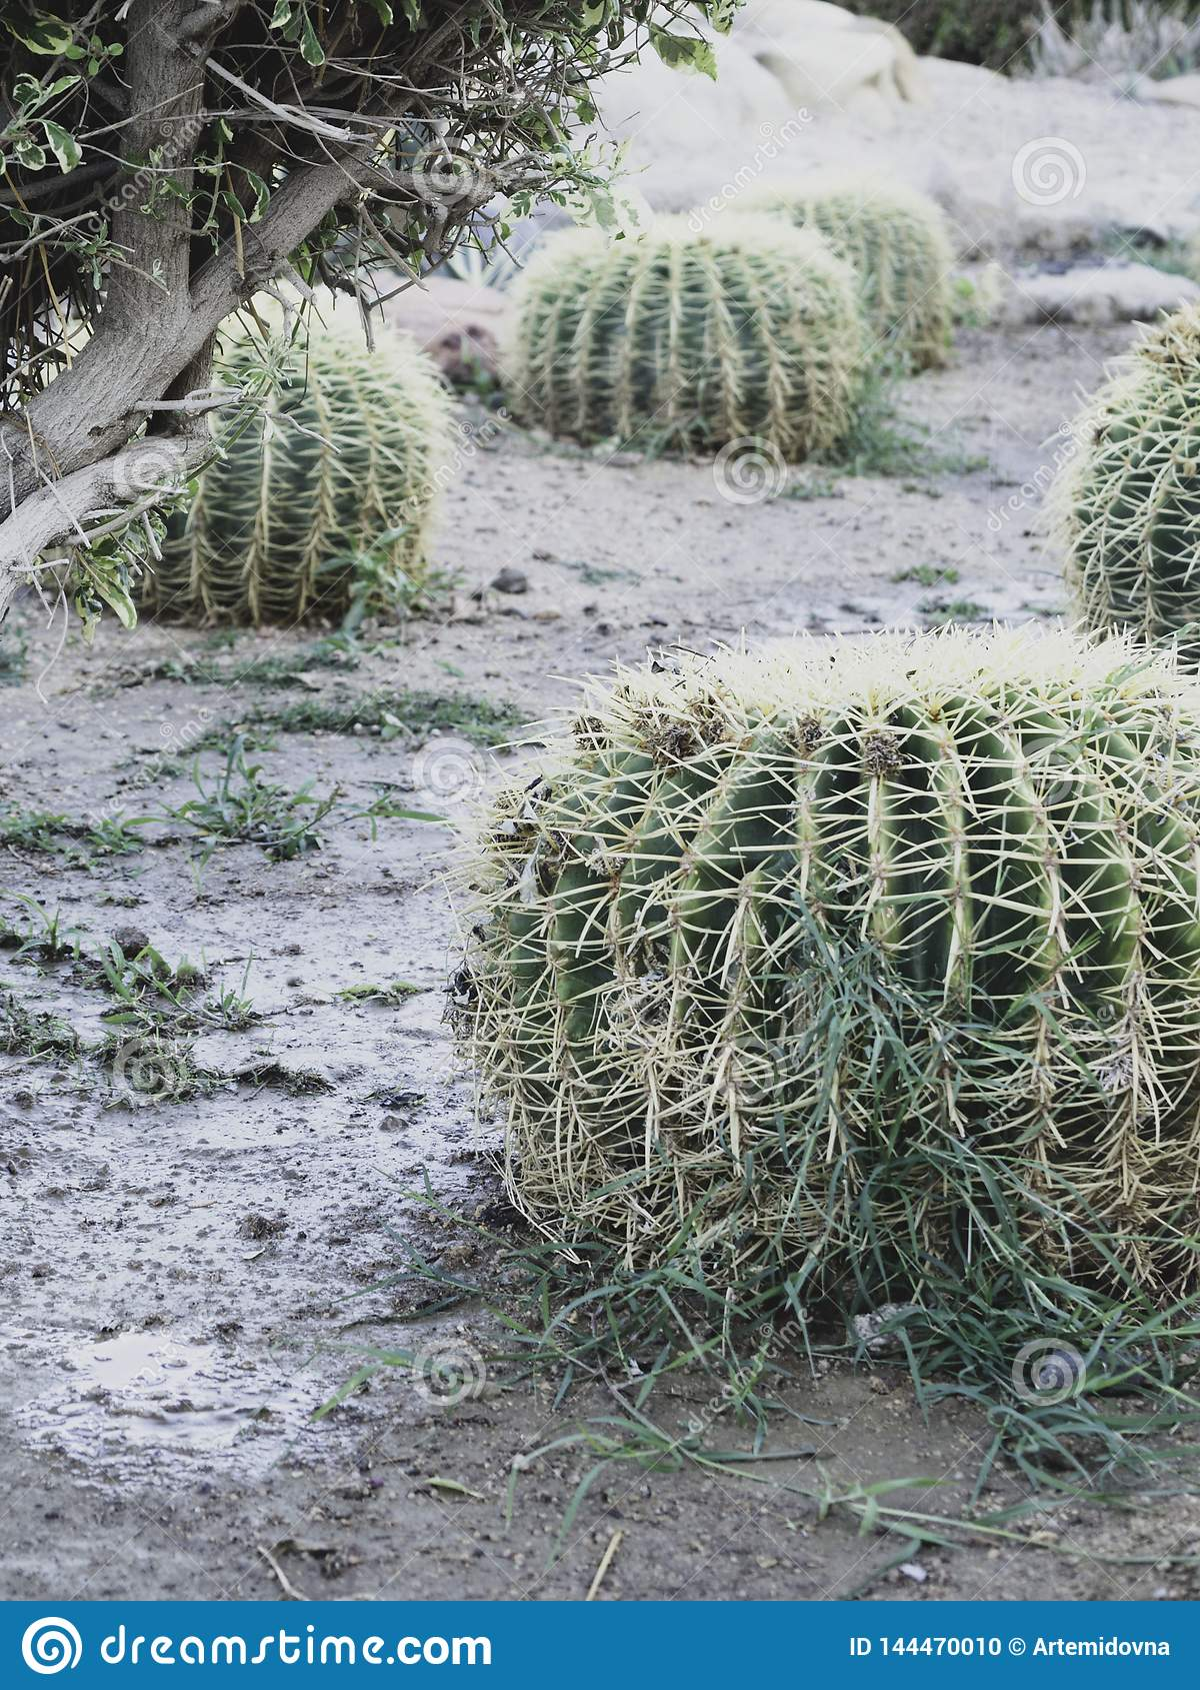 Golden barrel cactus or Echinocactus grusonii Hildm, outdoor